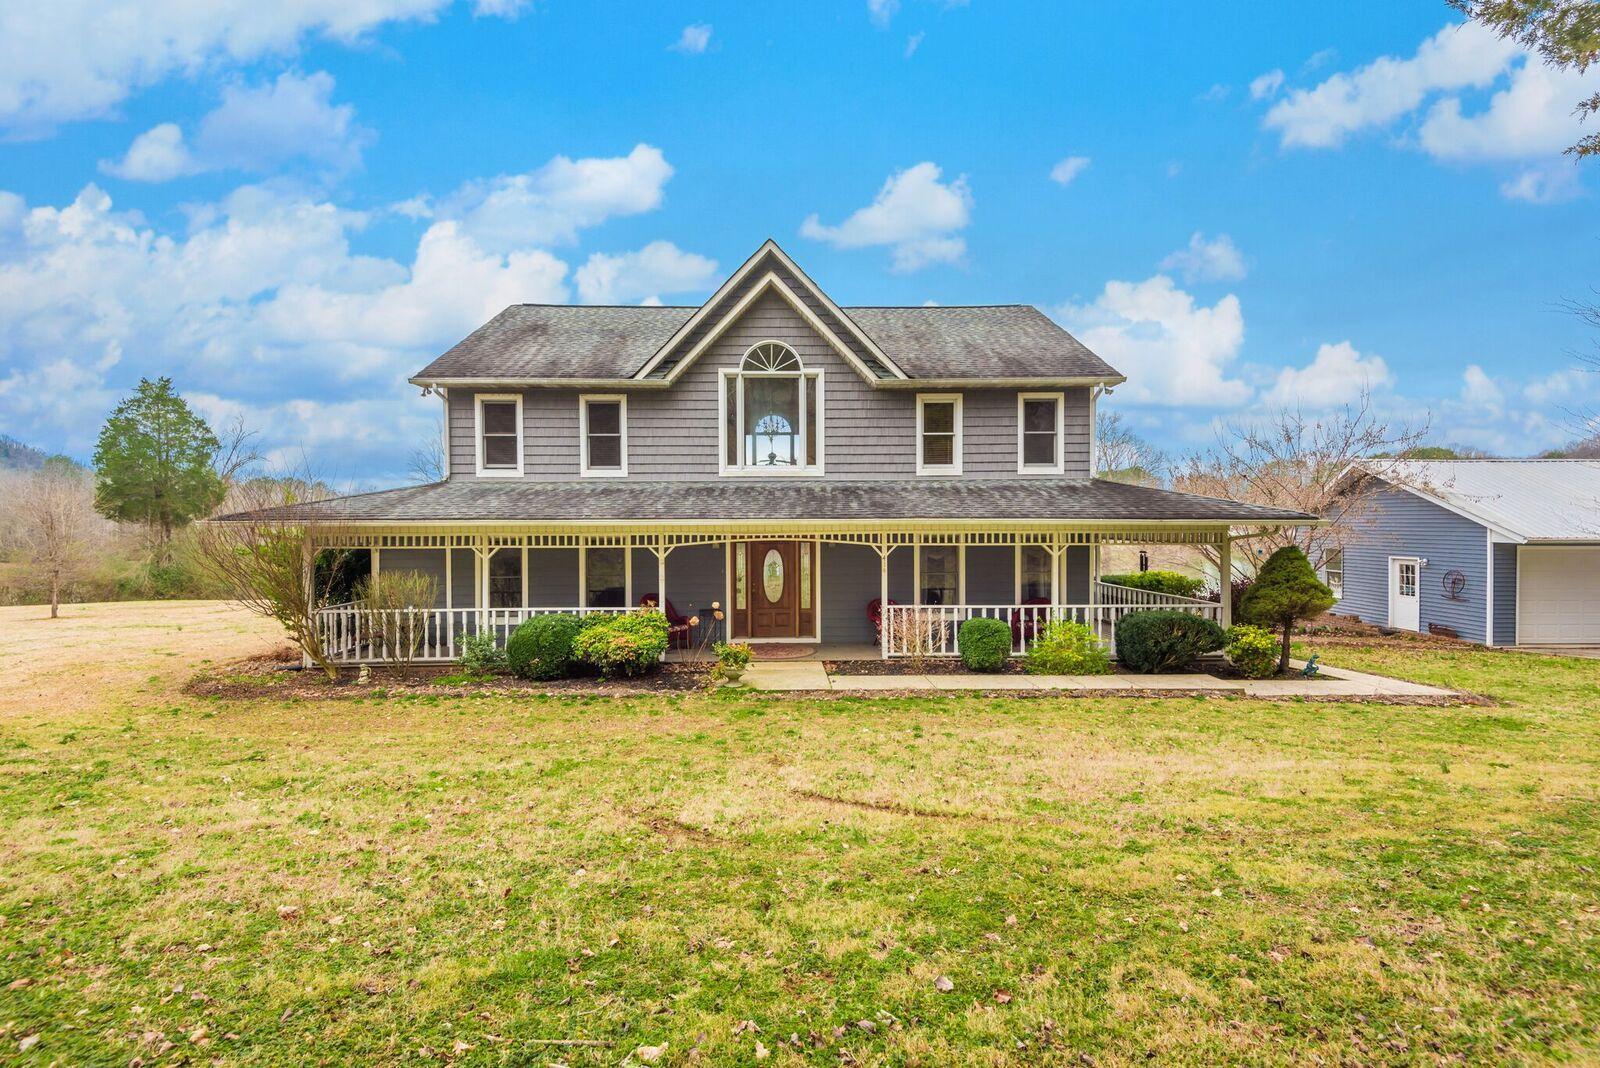 414 Clax Gap Rd, Harriman, TN 37748